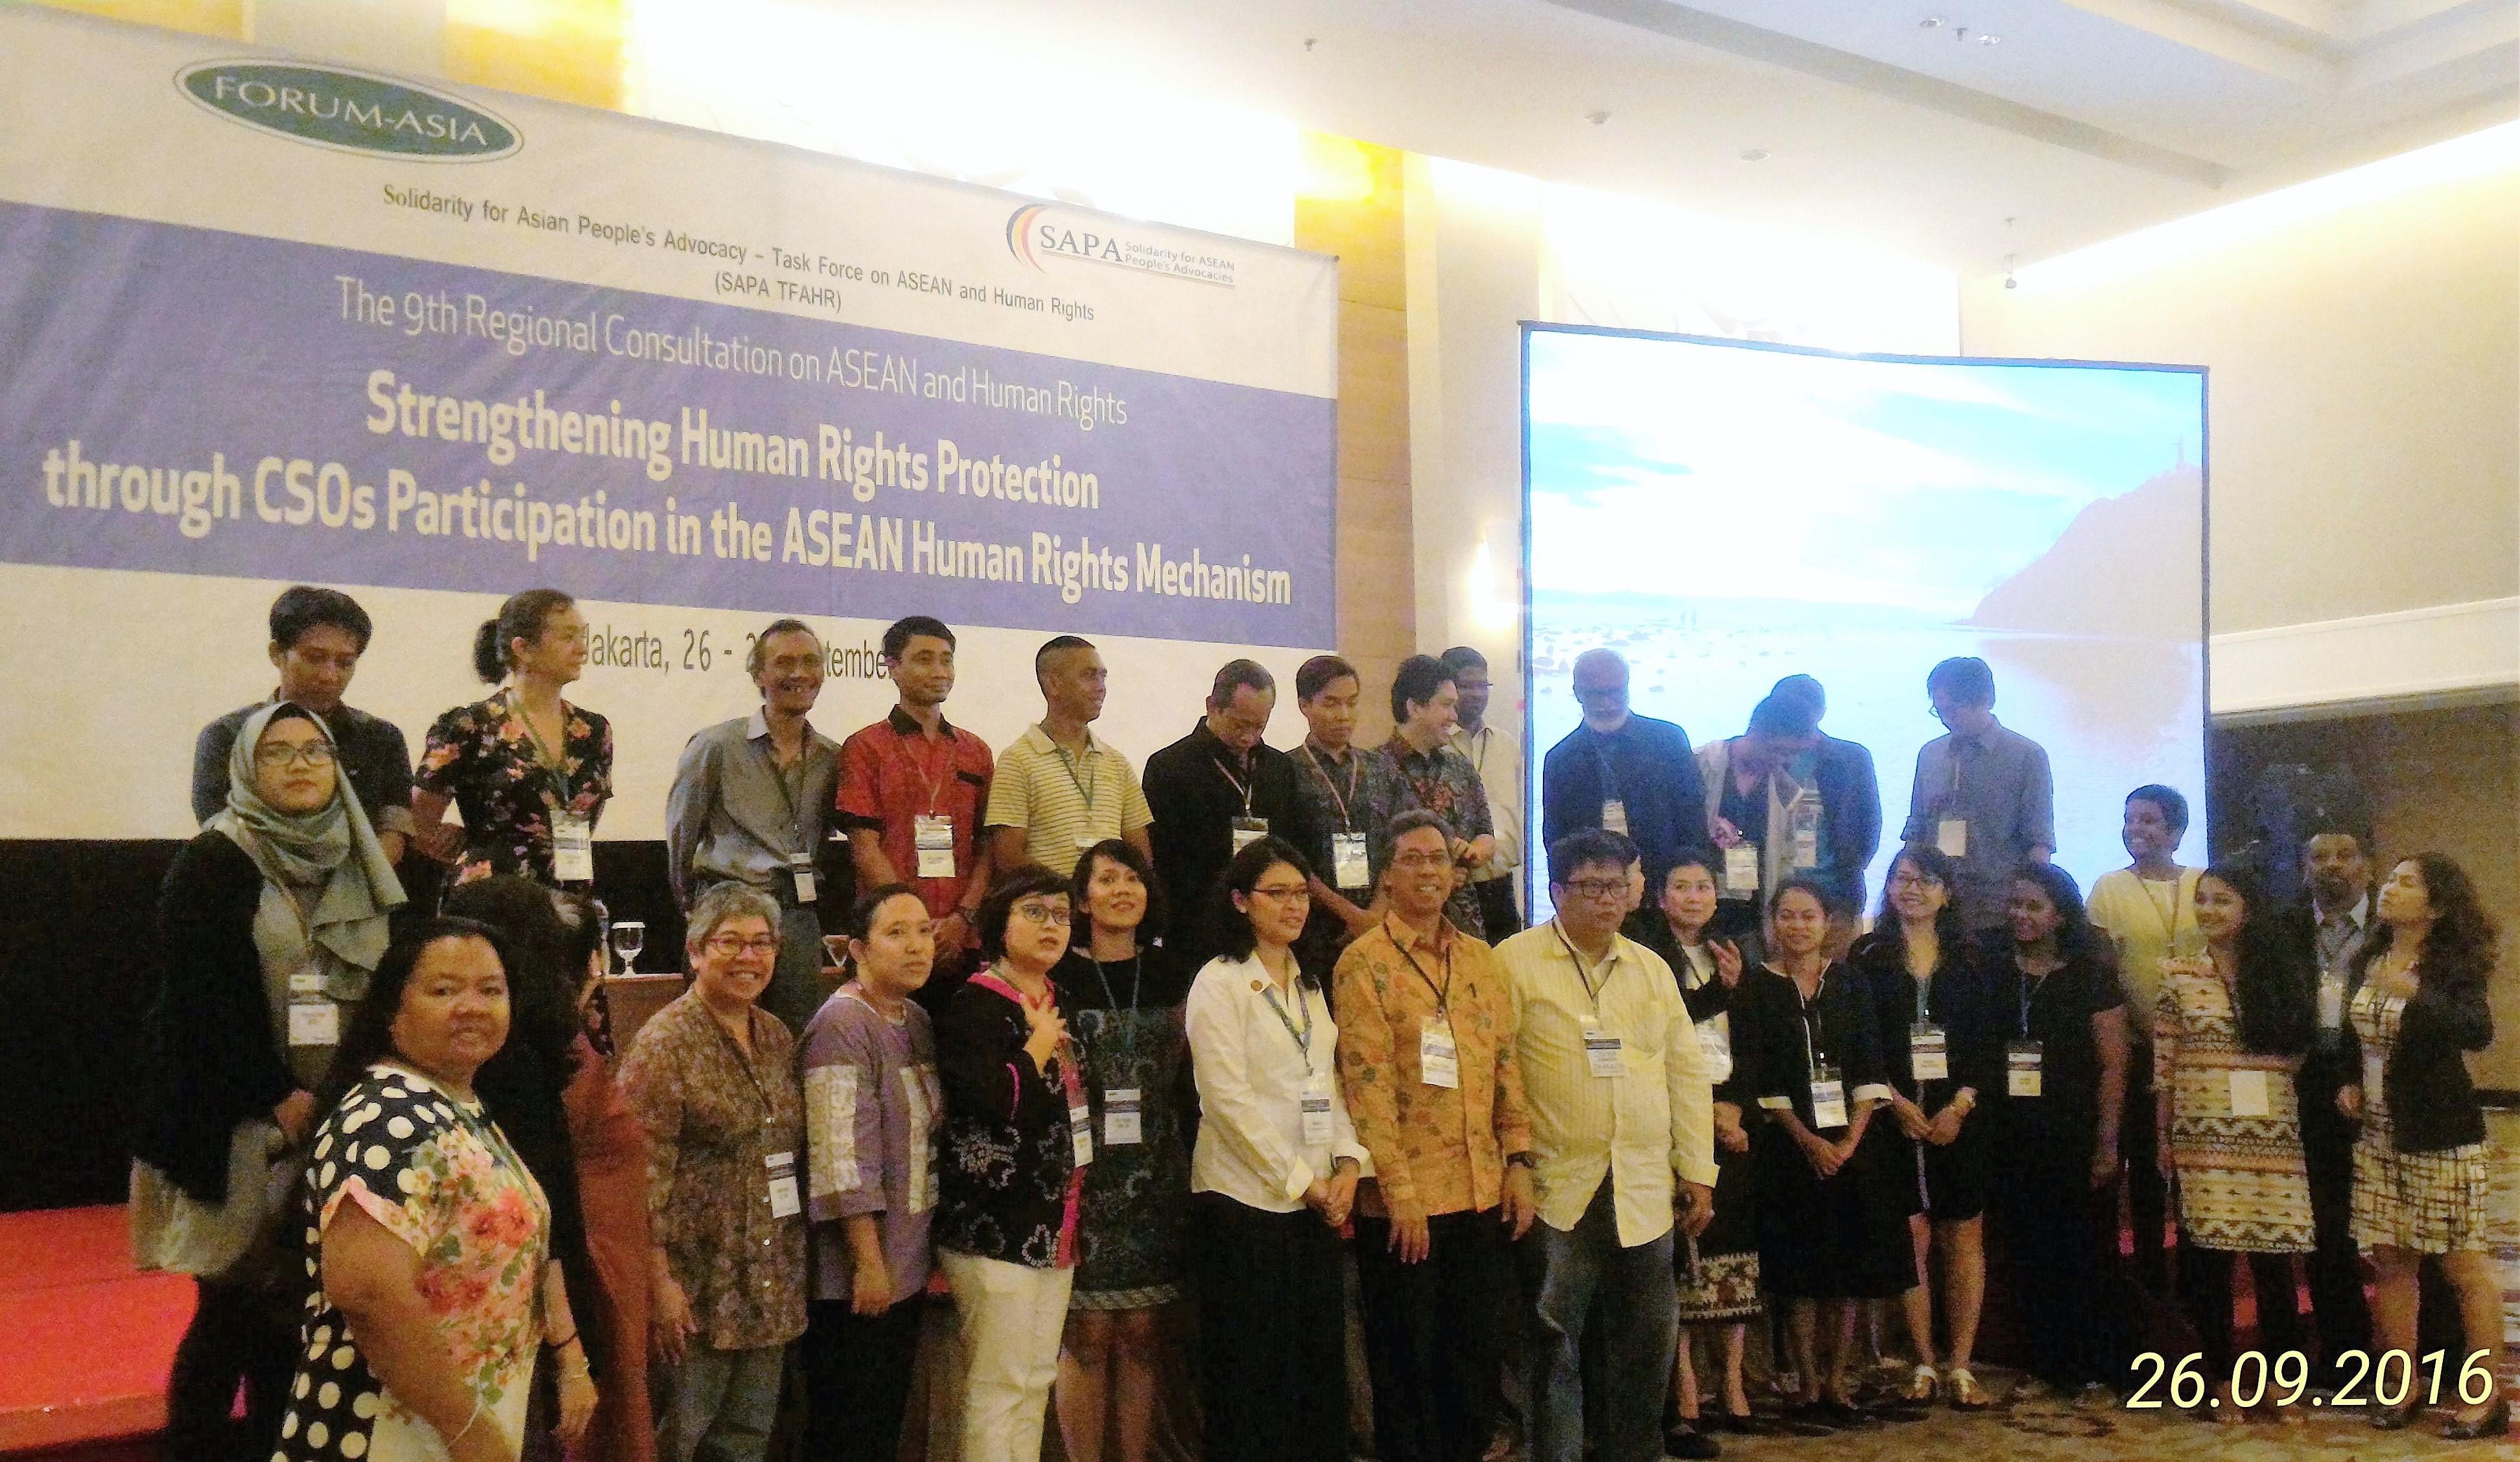 Forum Asia Consultation